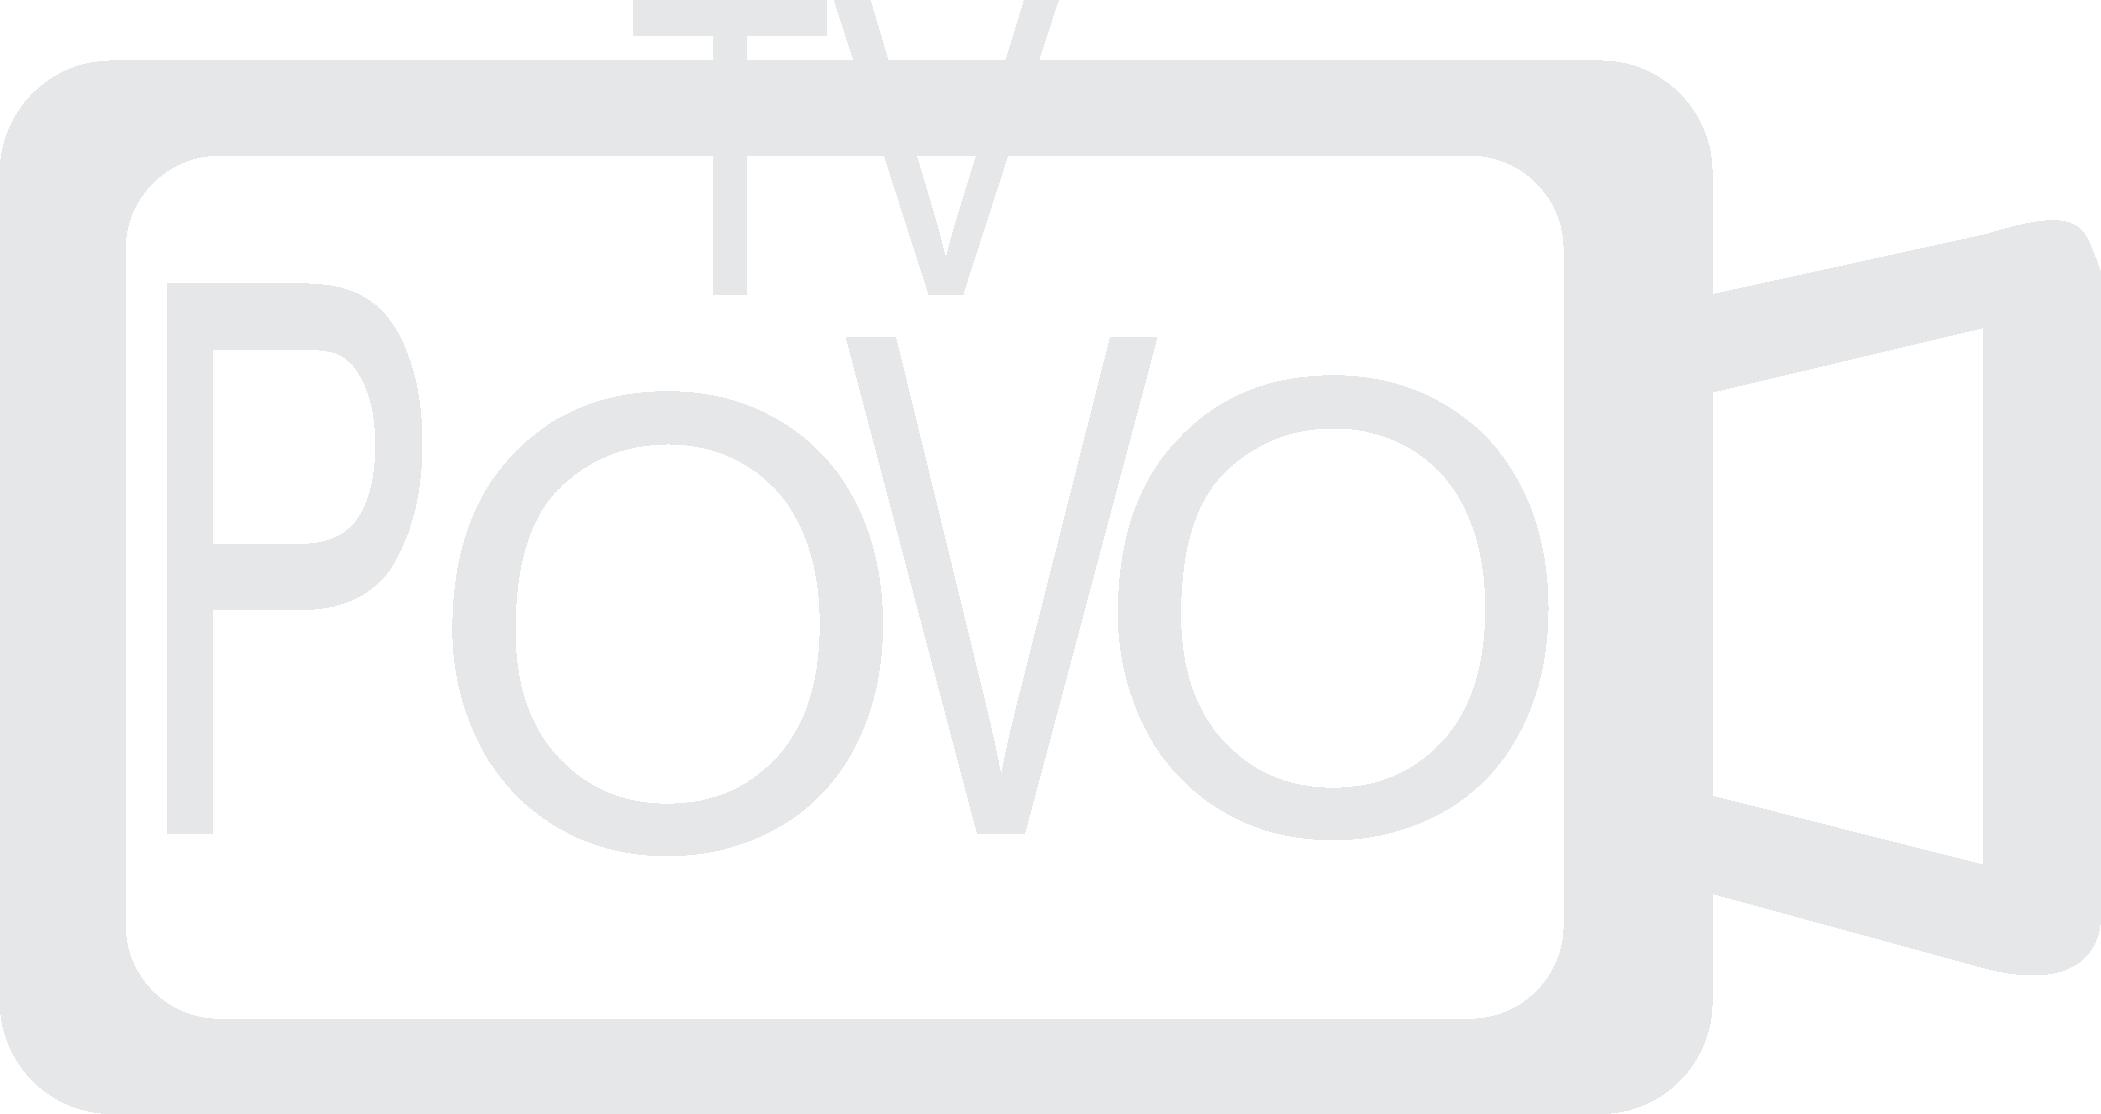 TV Povo ::. www.tvpovo.com.br - O novo portal de notícias da Bahia.